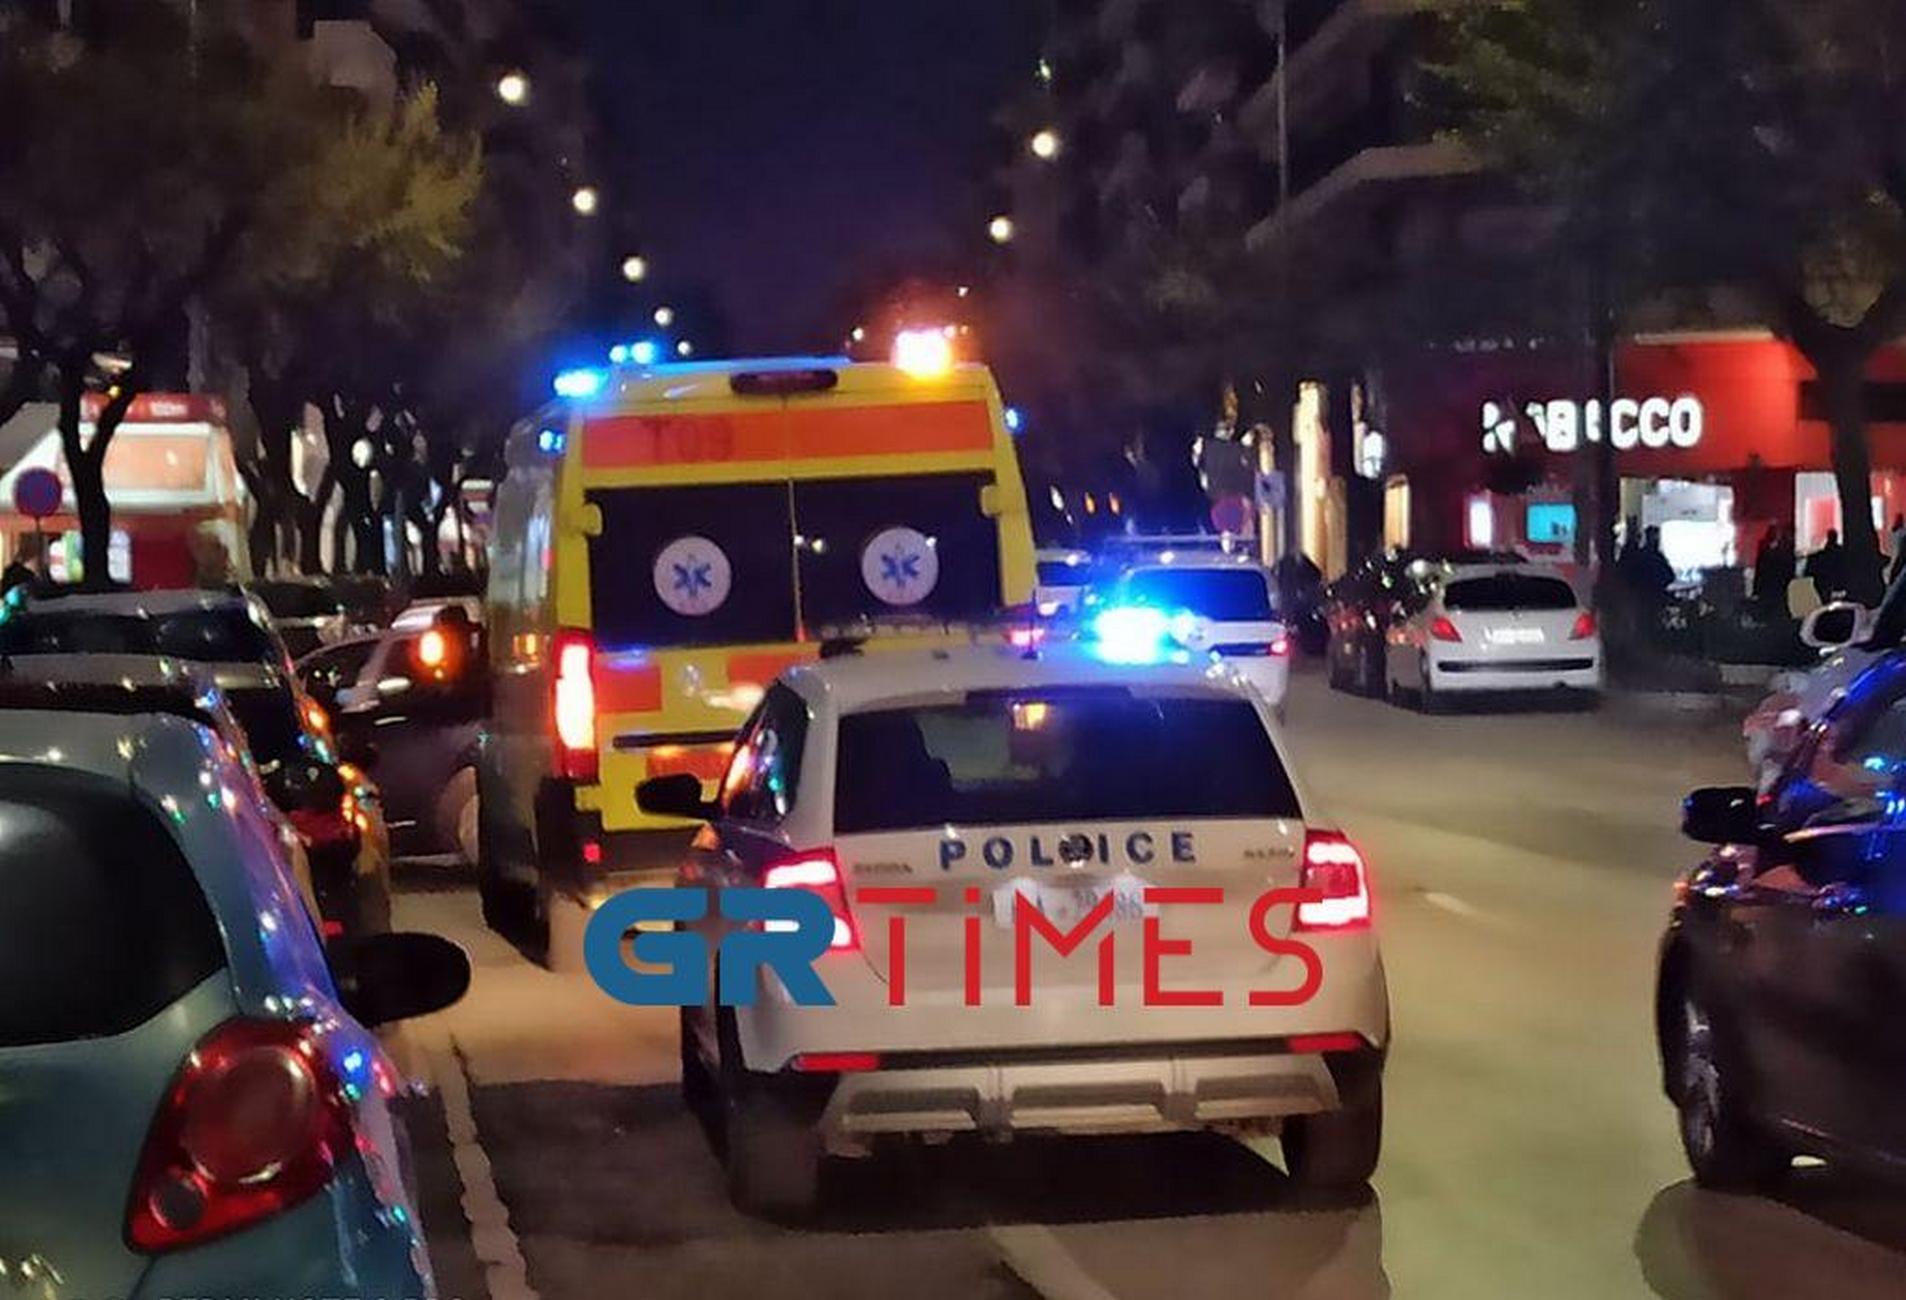 Τραυματίας σε νέο οπαδικό επεισόδιο στη Θεσσαλονίκη